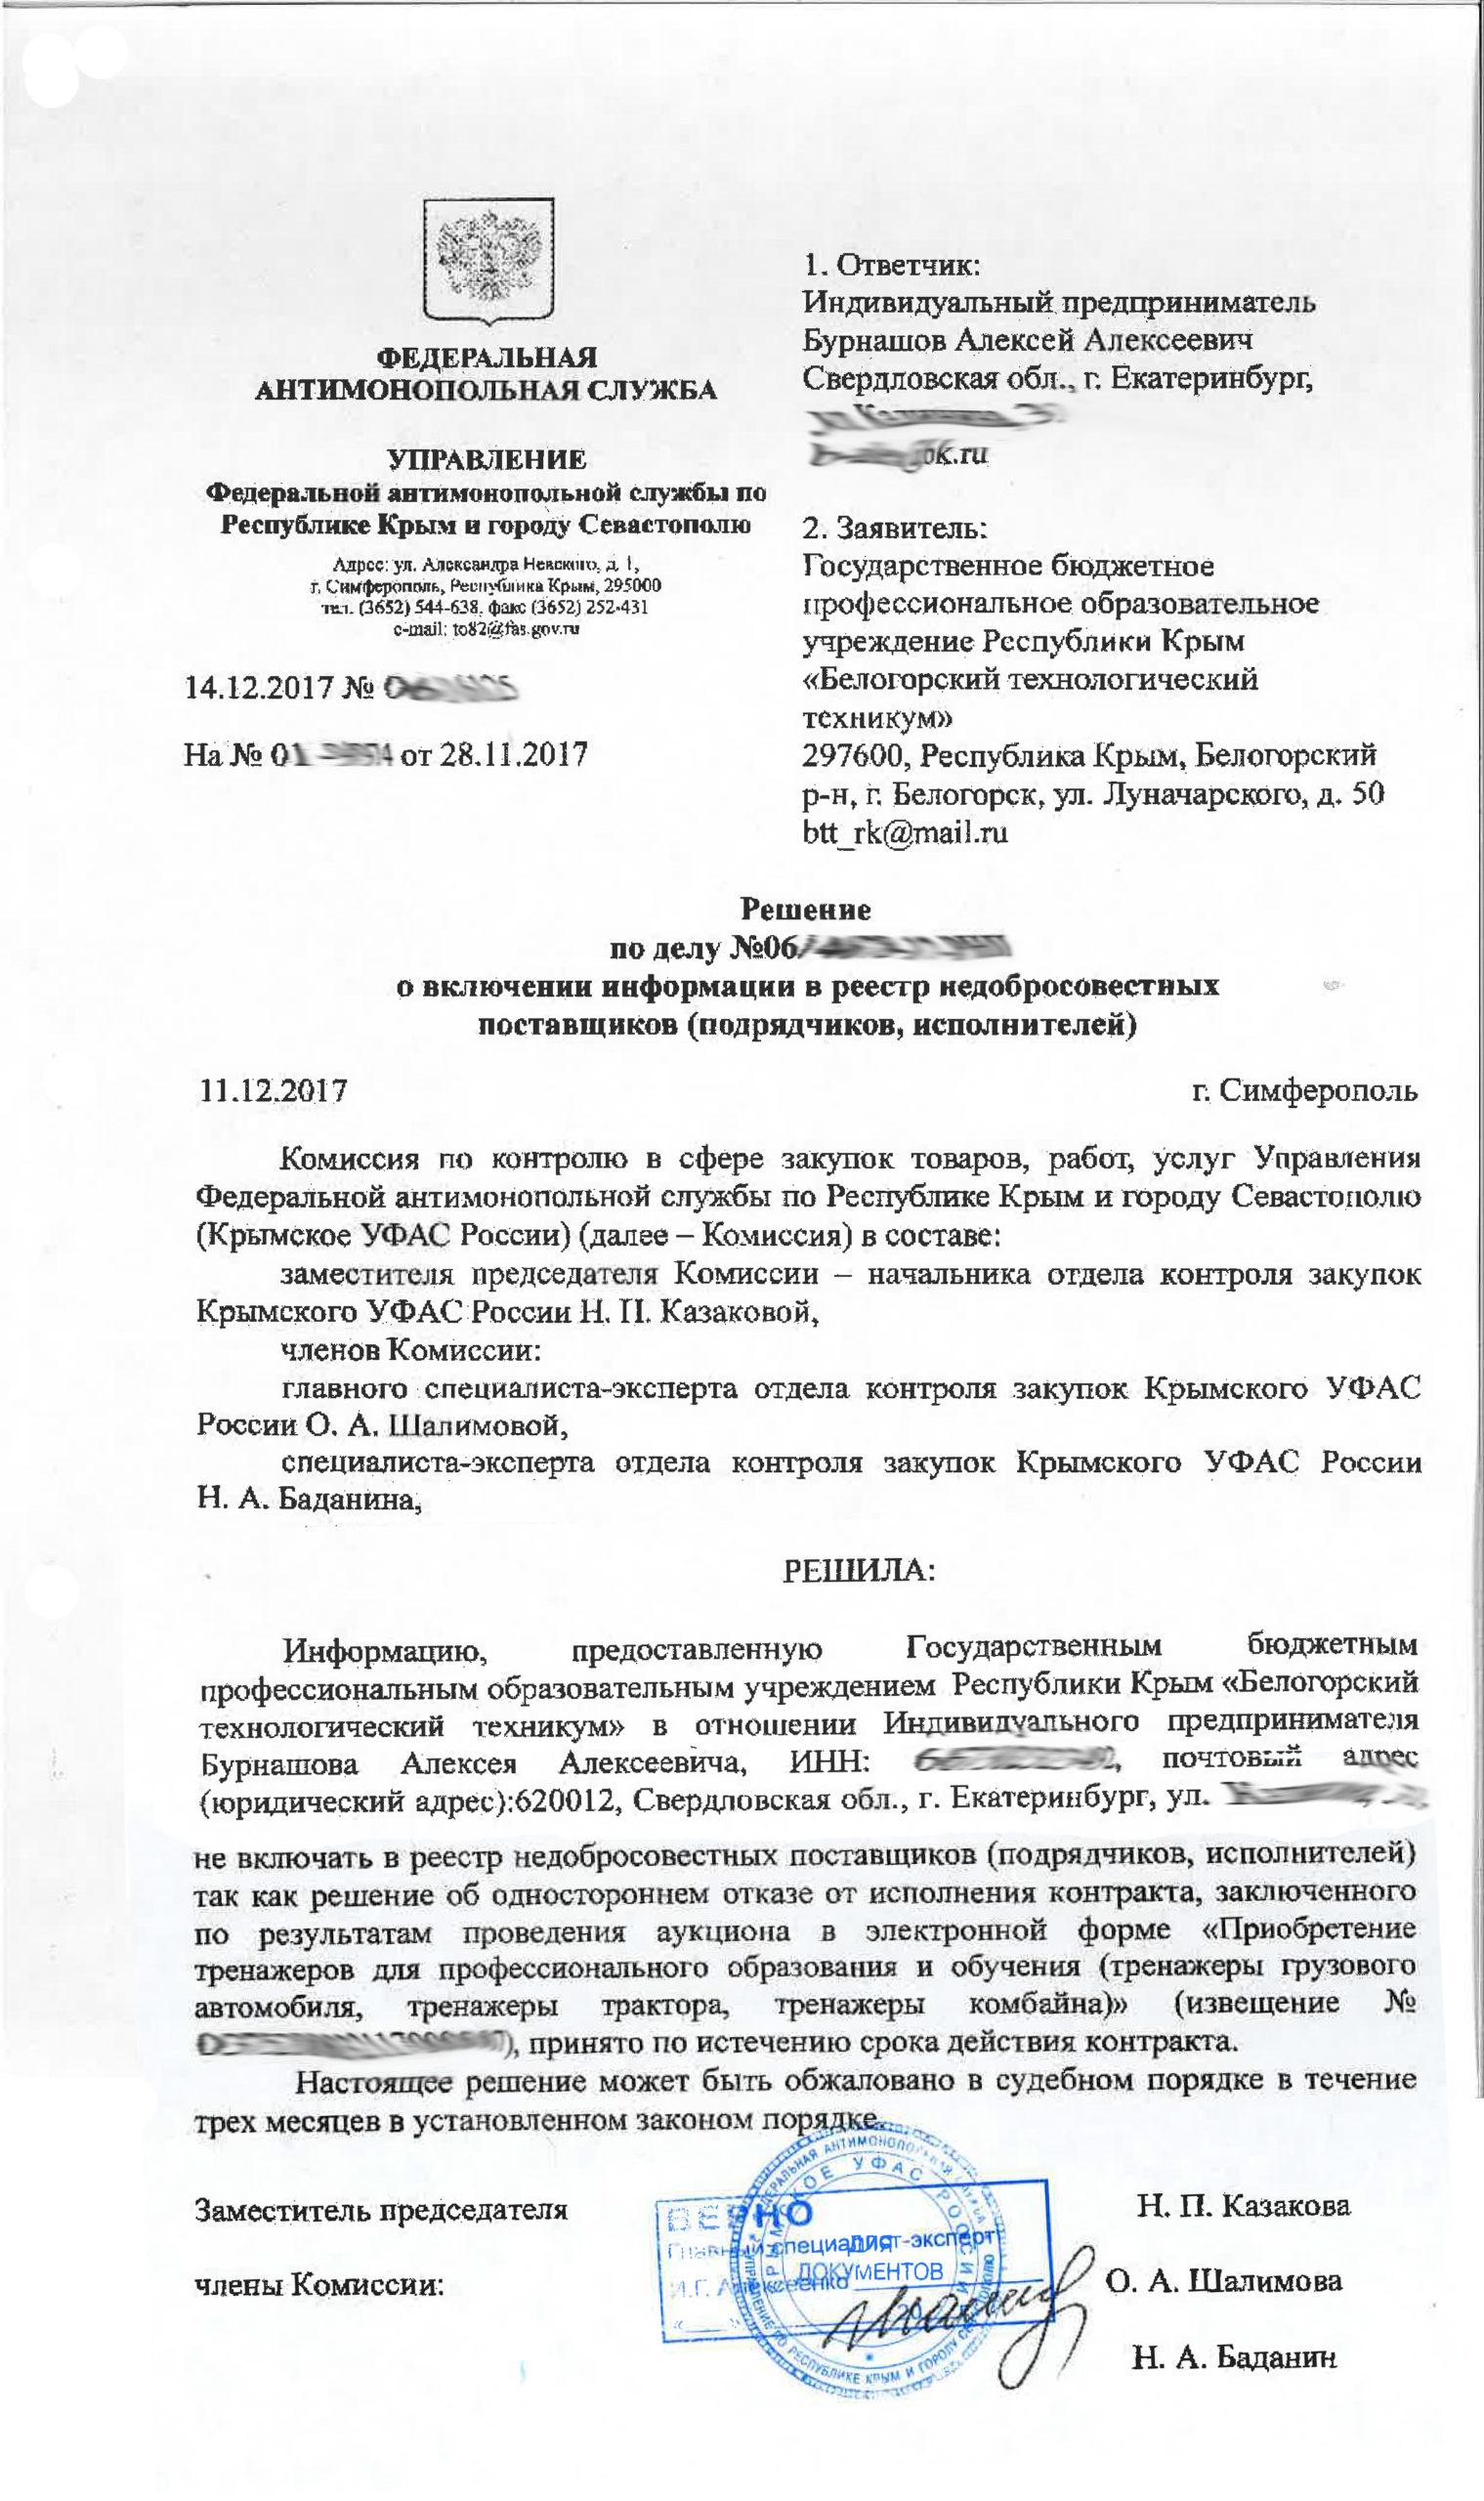 Кымский УФАС Решение ИП Бурнашов А